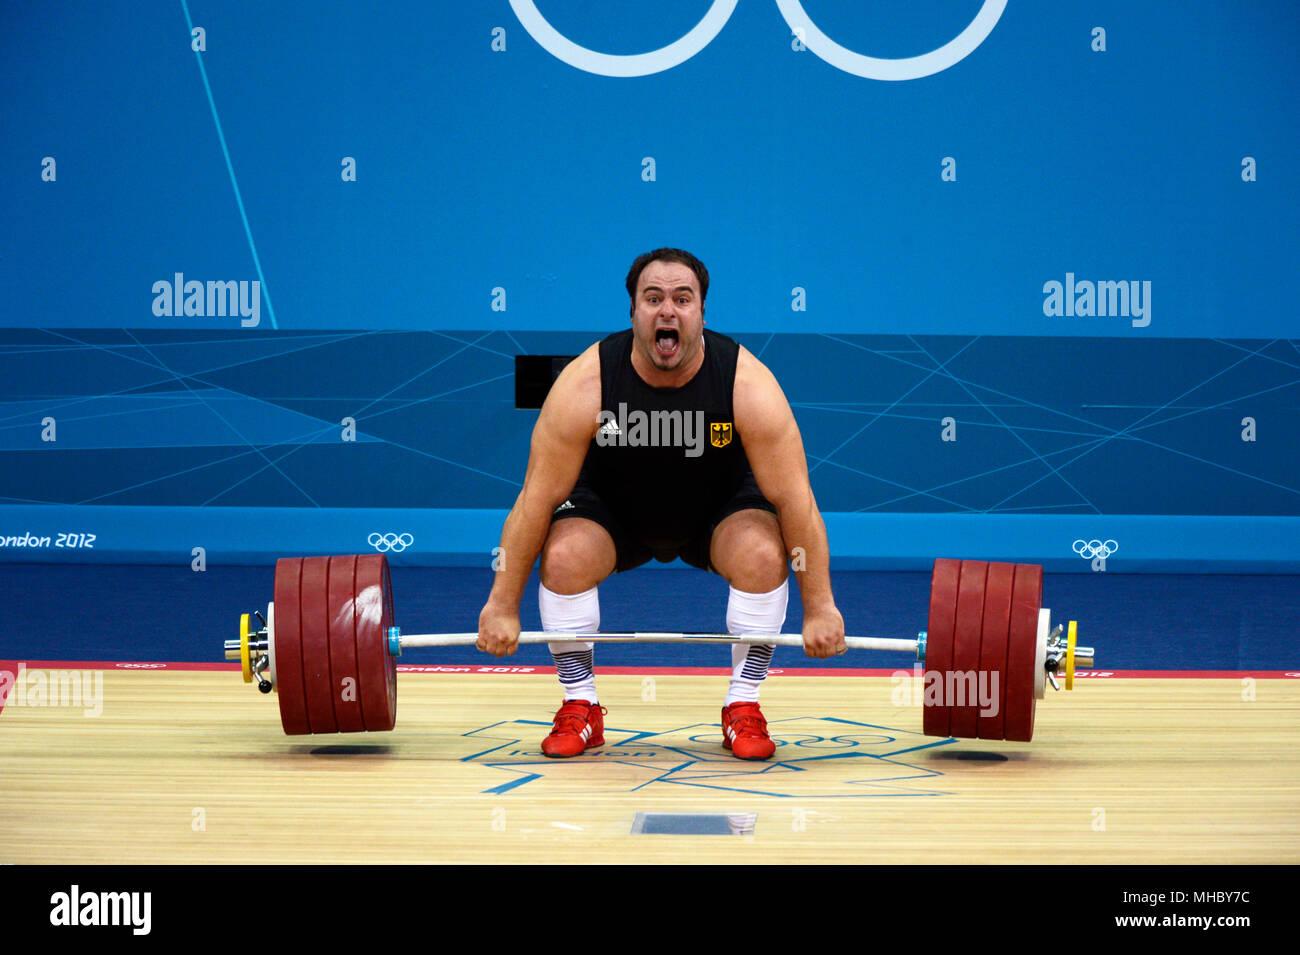 Londres 2012 - Juegos Olímpicos: Almir Velagic de Alemania de intentar una elevación en el hombre de +105kg halterofilia la competencia. Imagen De Stock